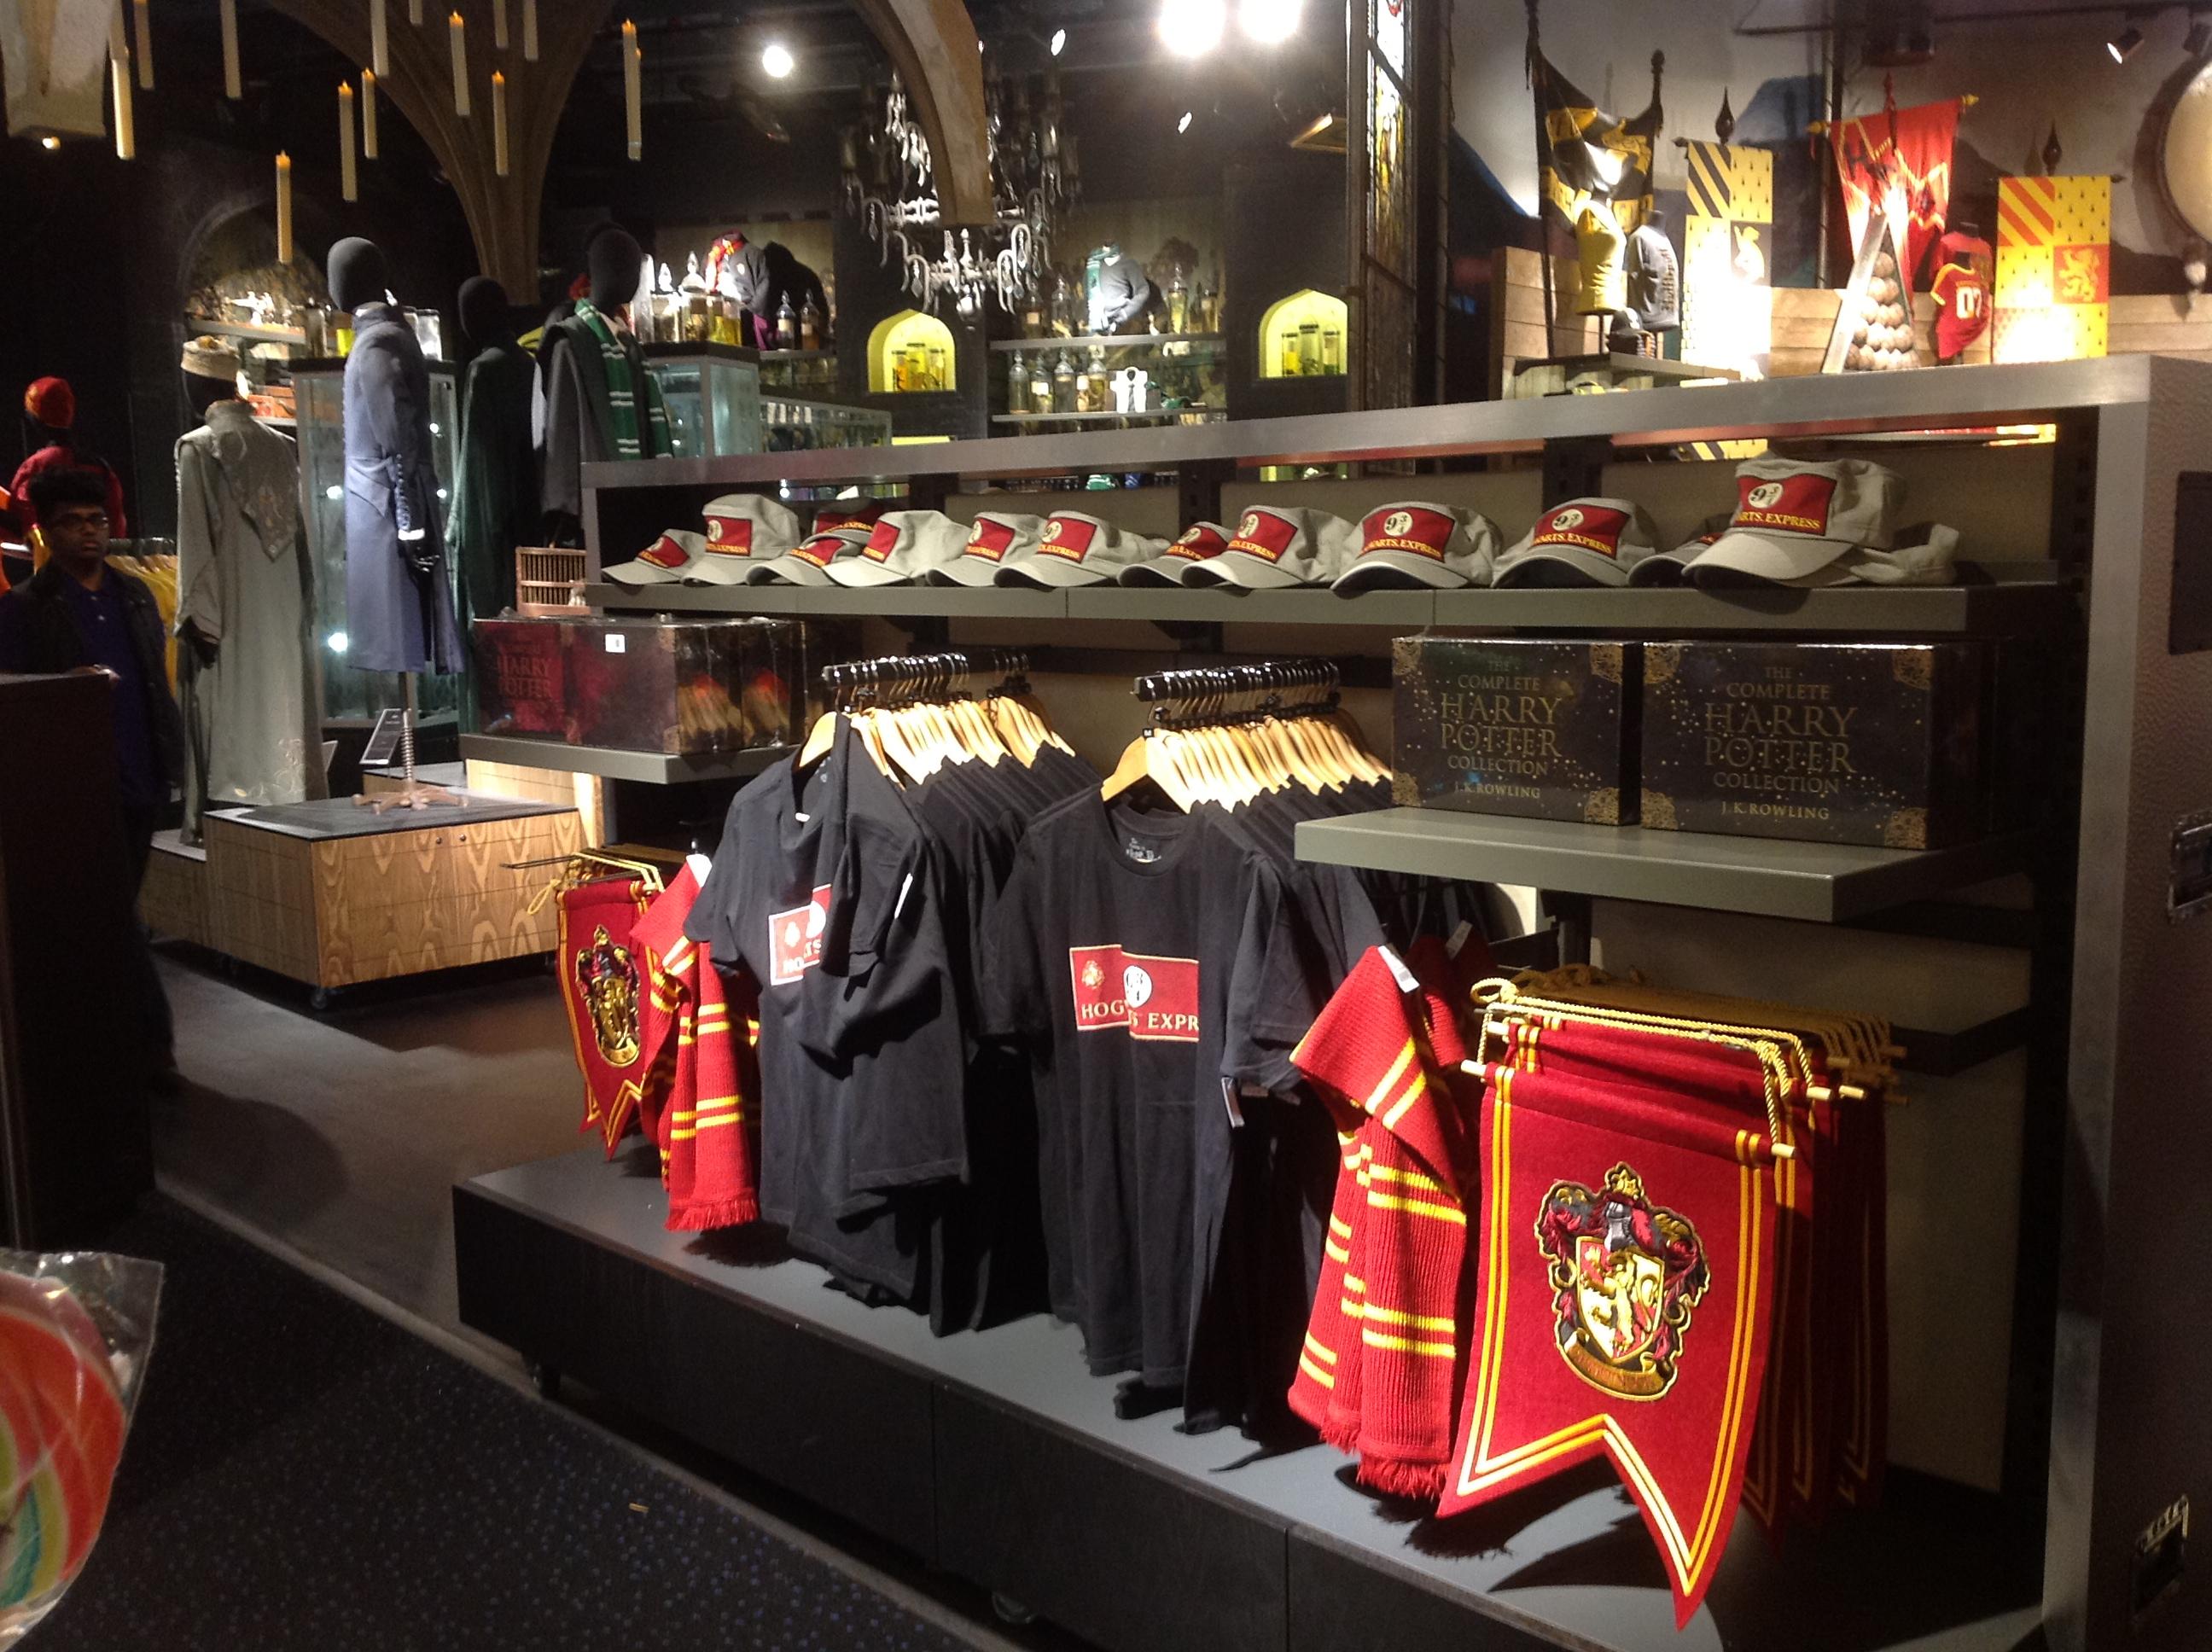 c333d2d7bfd Harry Potter Studio Tour London Gift Shop image